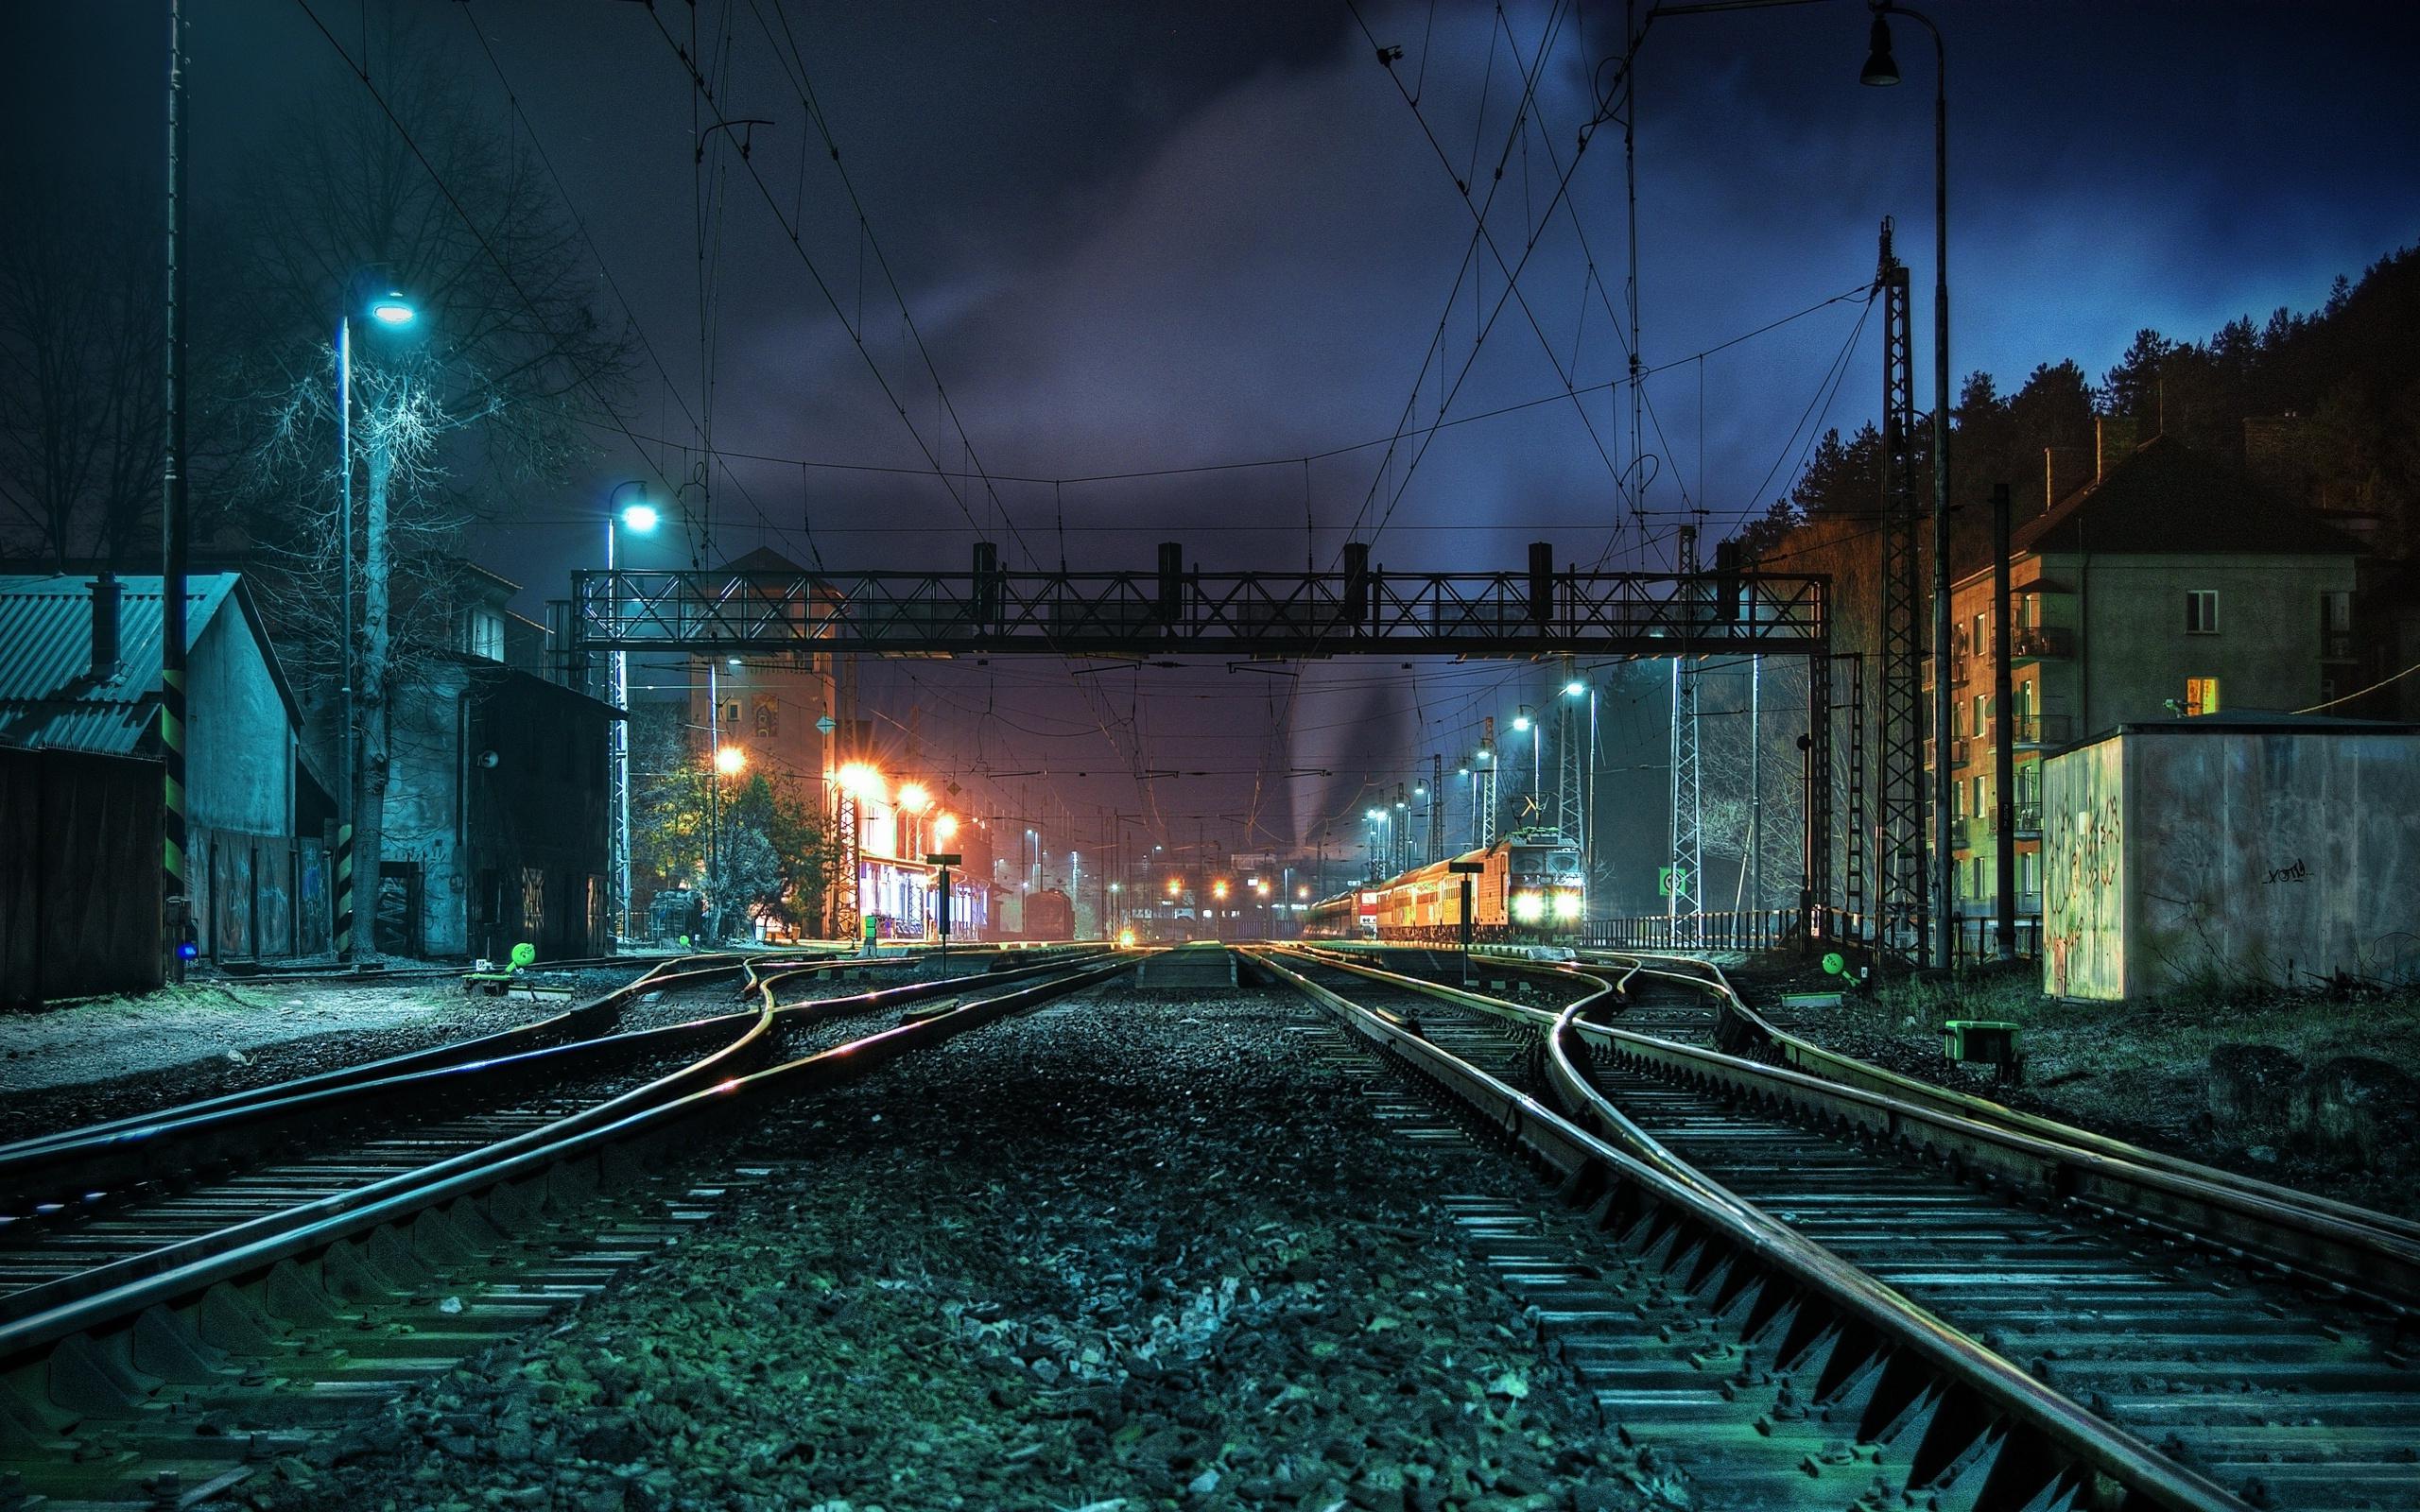 41375壁紙のダウンロード風景, ナイト, 列車-スクリーンセーバーと写真を無料で